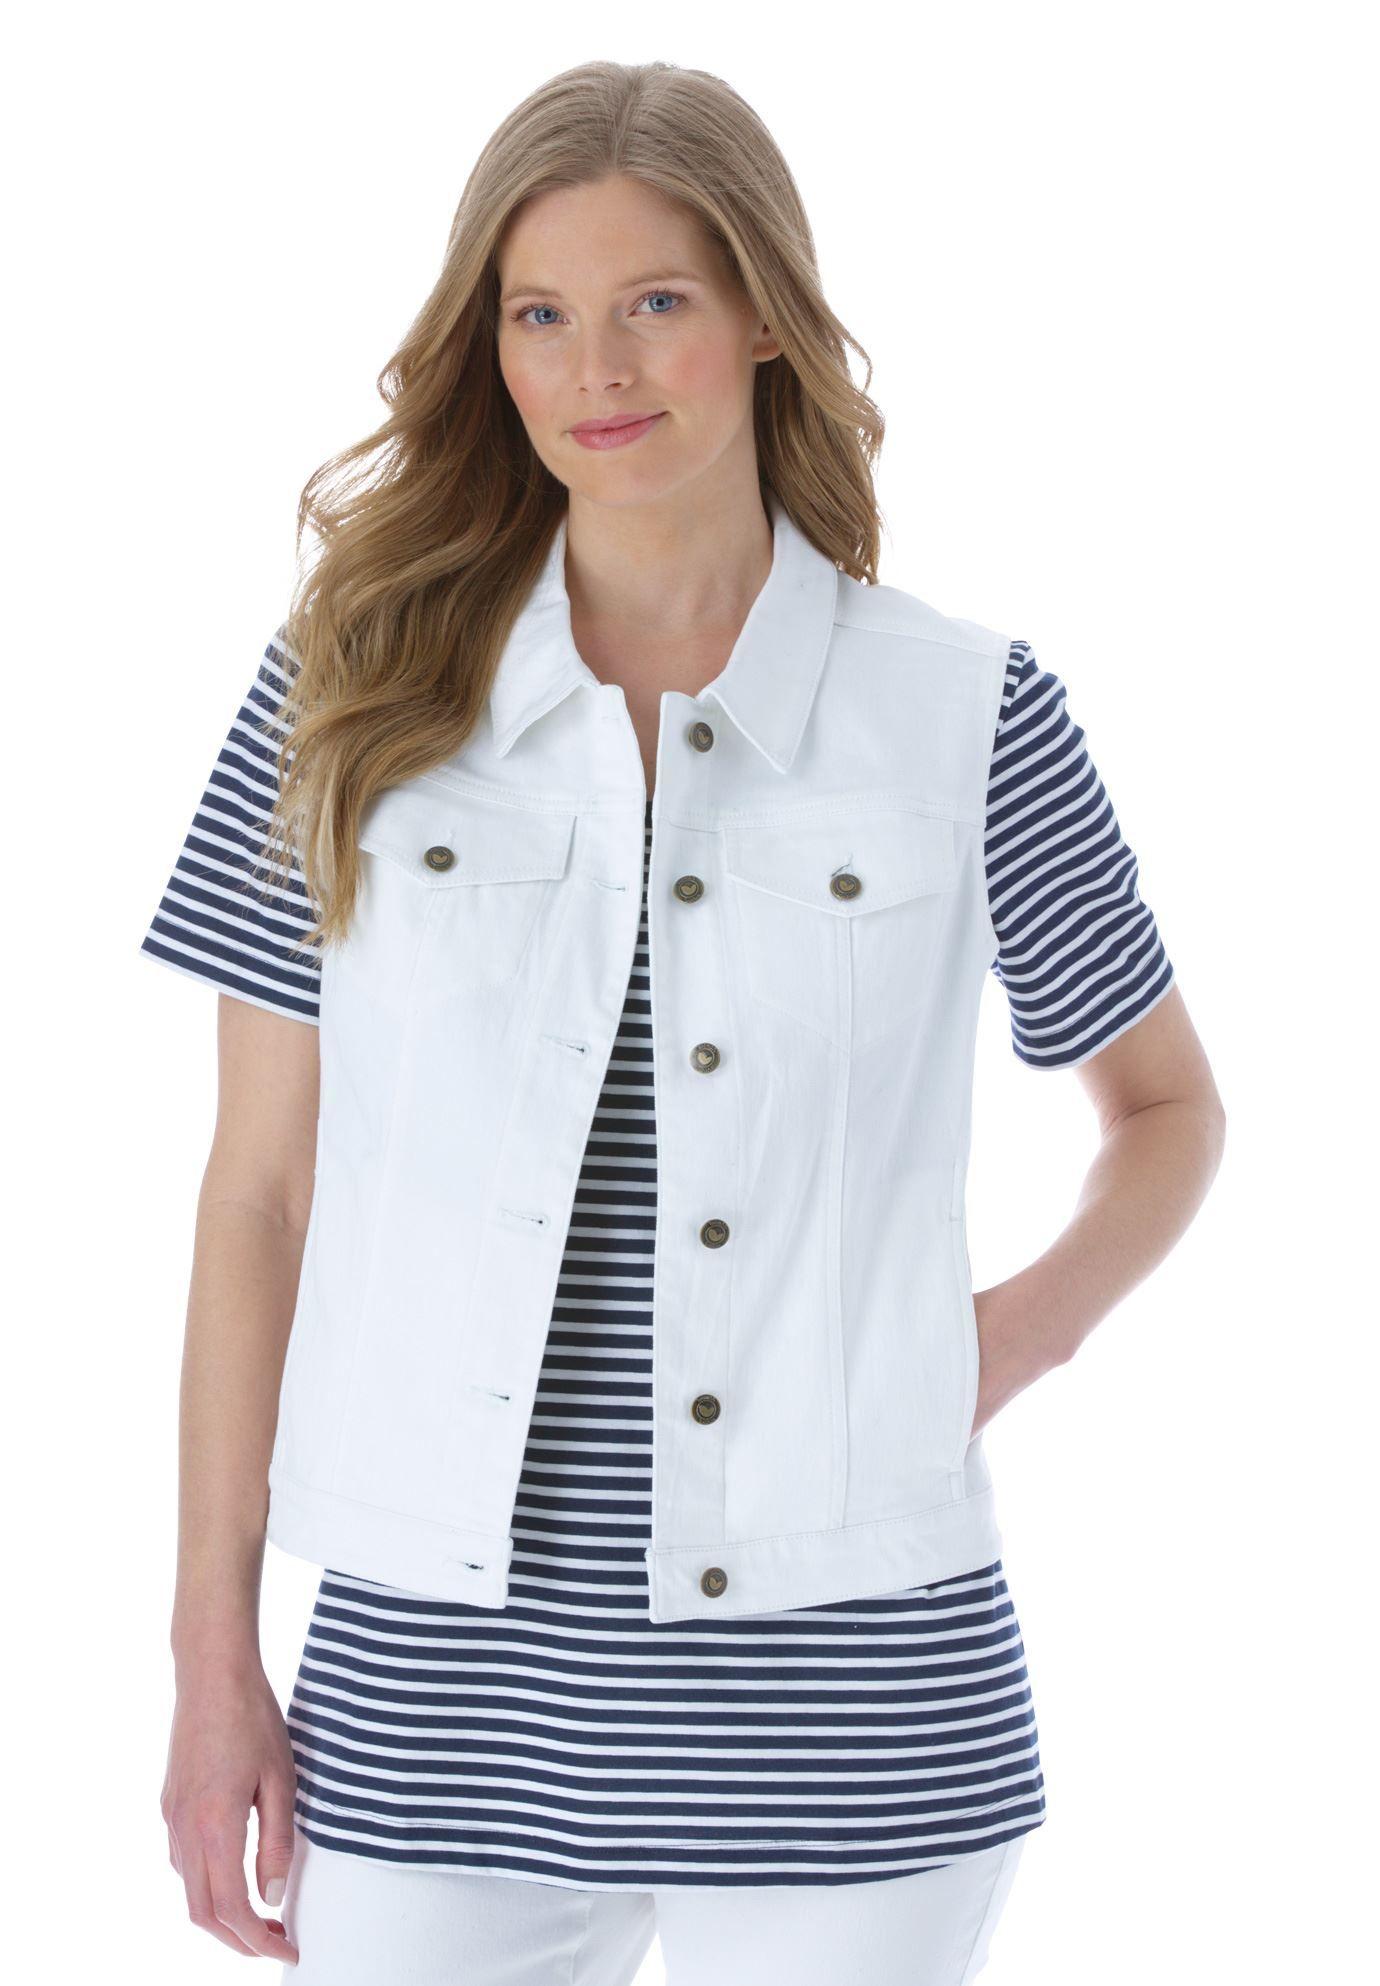 Stretch jean vest - Women s Plus Size Clothing  831456c5d